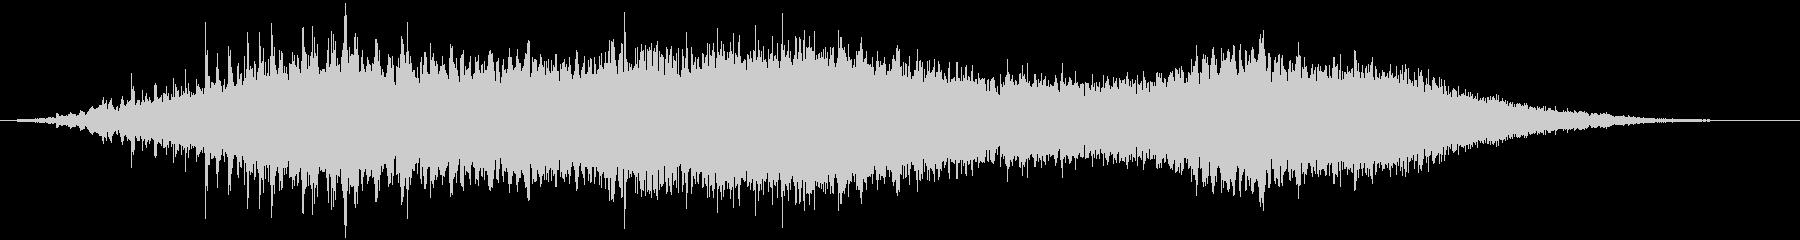 【ホラー】ダークなタイトルロゴ_02の未再生の波形